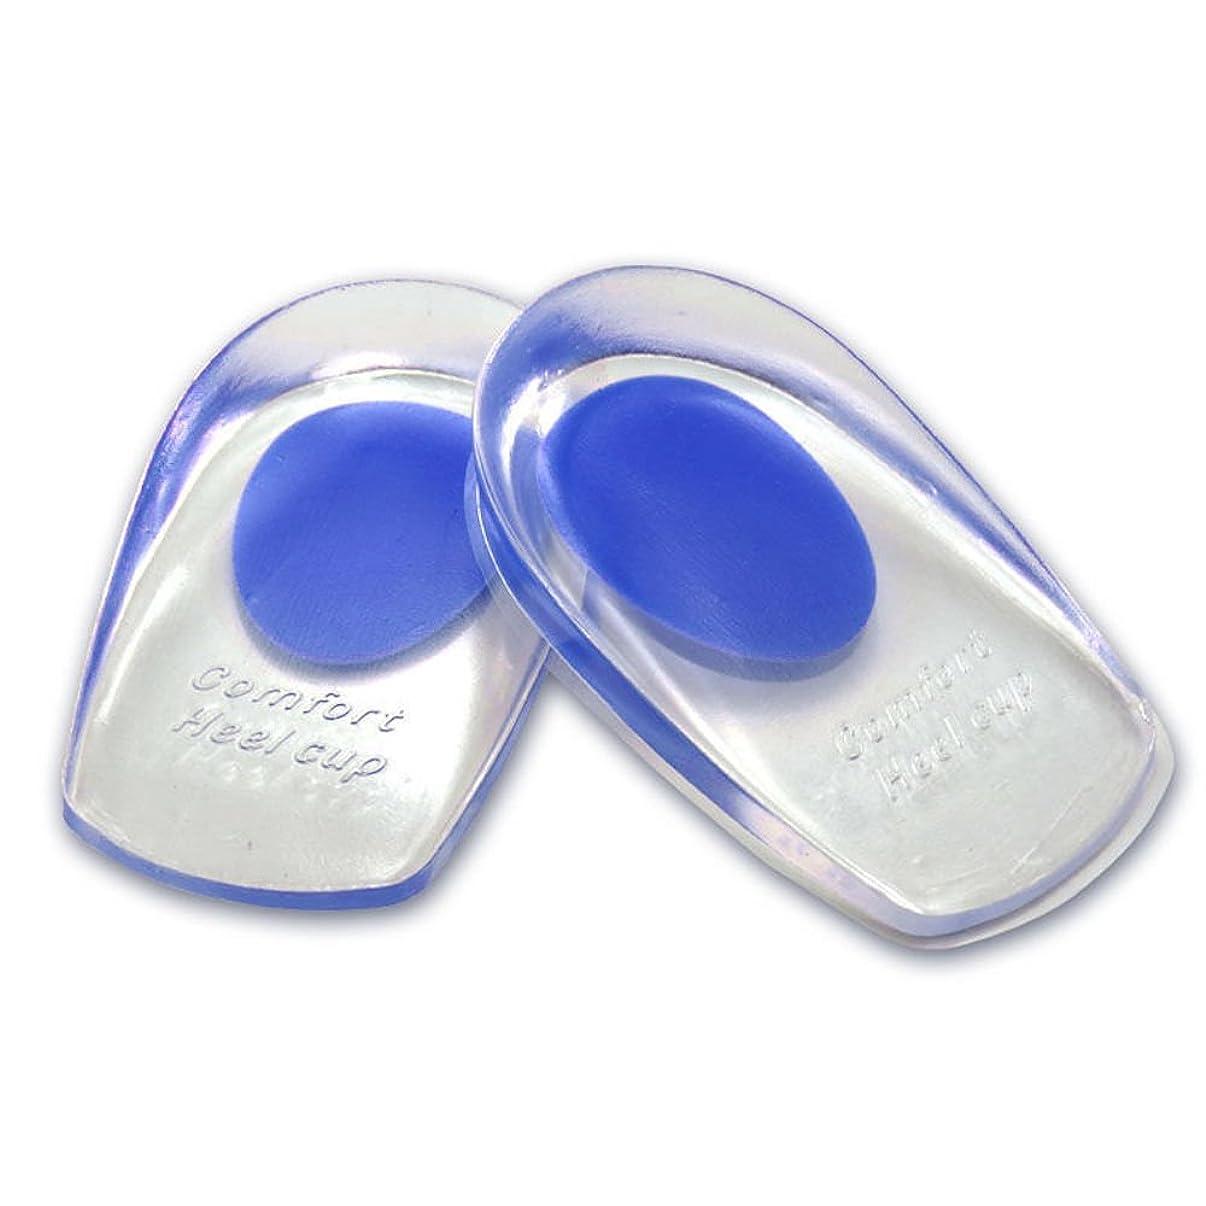 太平洋諸島形チャンスシリコンヒールカップ かかとの痛み防止に ソフトシリコン製 インソールクッション 衝撃緩和 立体形状 フィット感抜群 FMTMXCA2S (ブルー(靴サイズ24.5~27.5cm用))